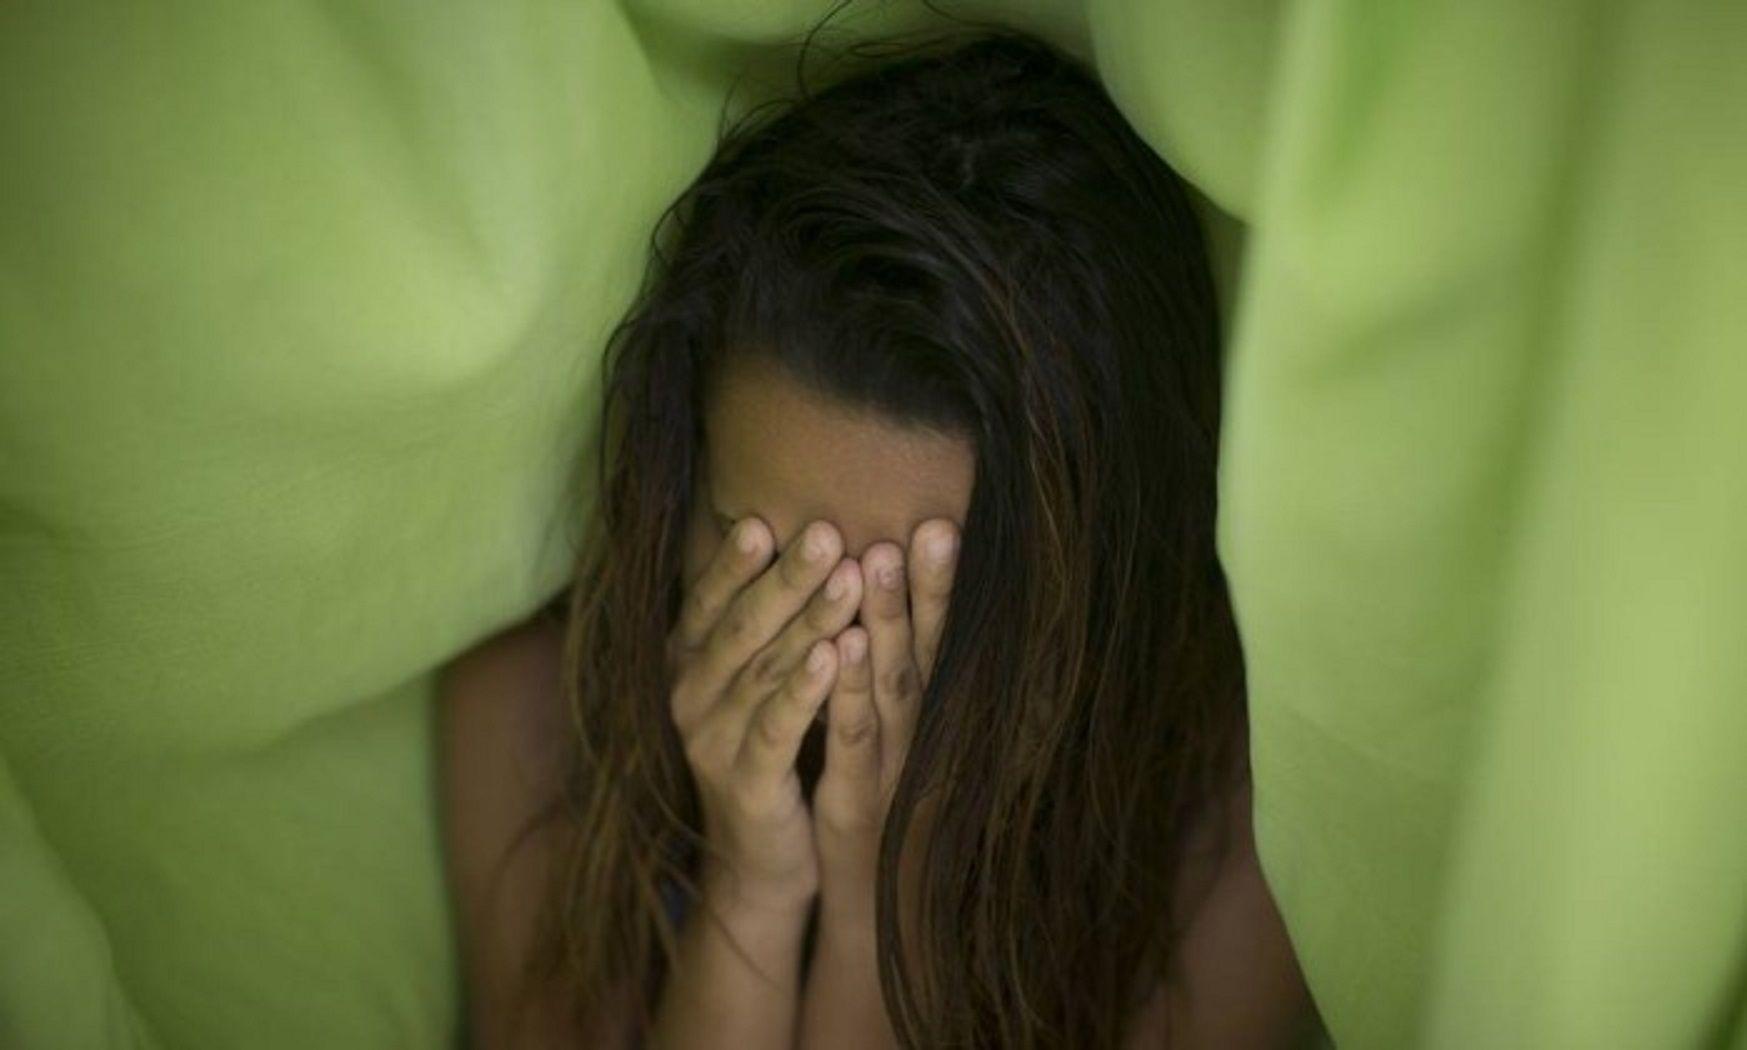 La joven brasileña fue violada por dos grupos de hombres en momentos diferentes